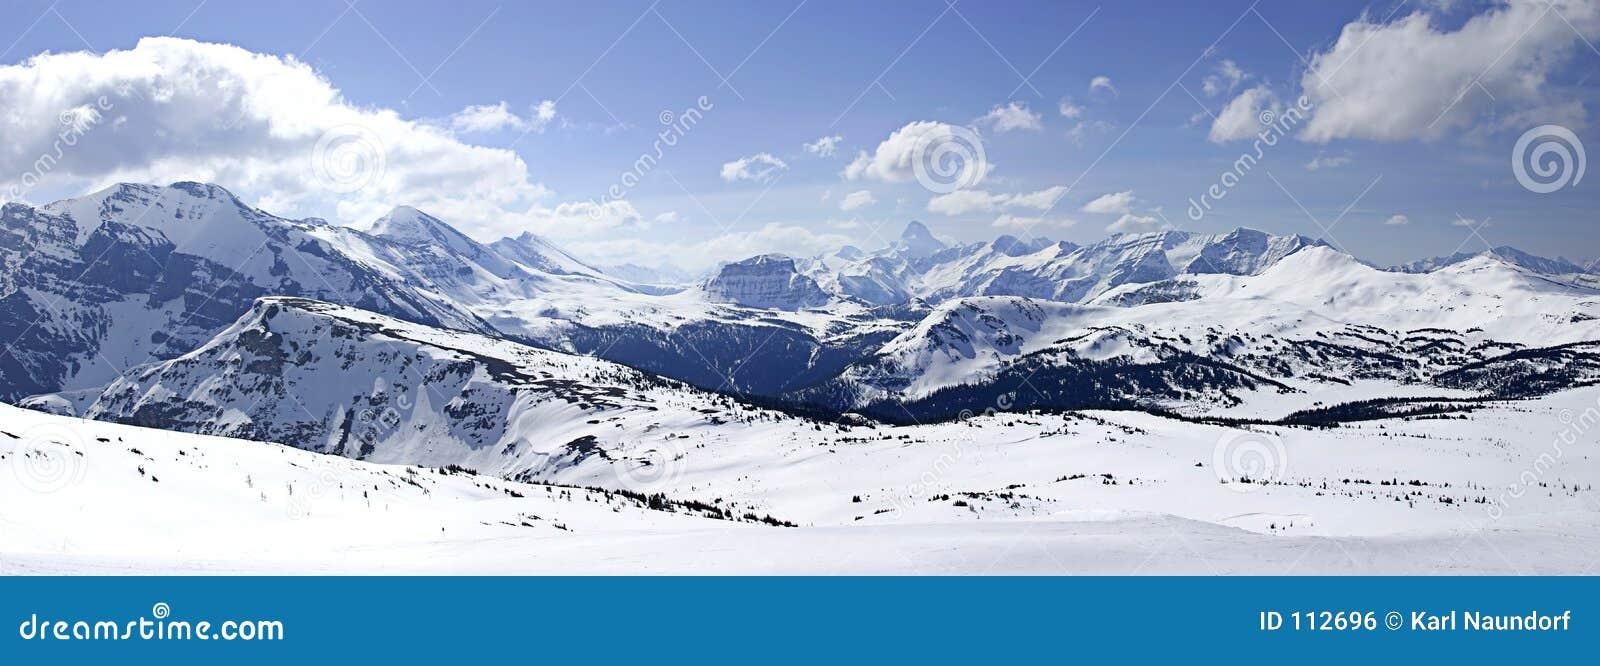 Sneeuw Berg Panoramische II